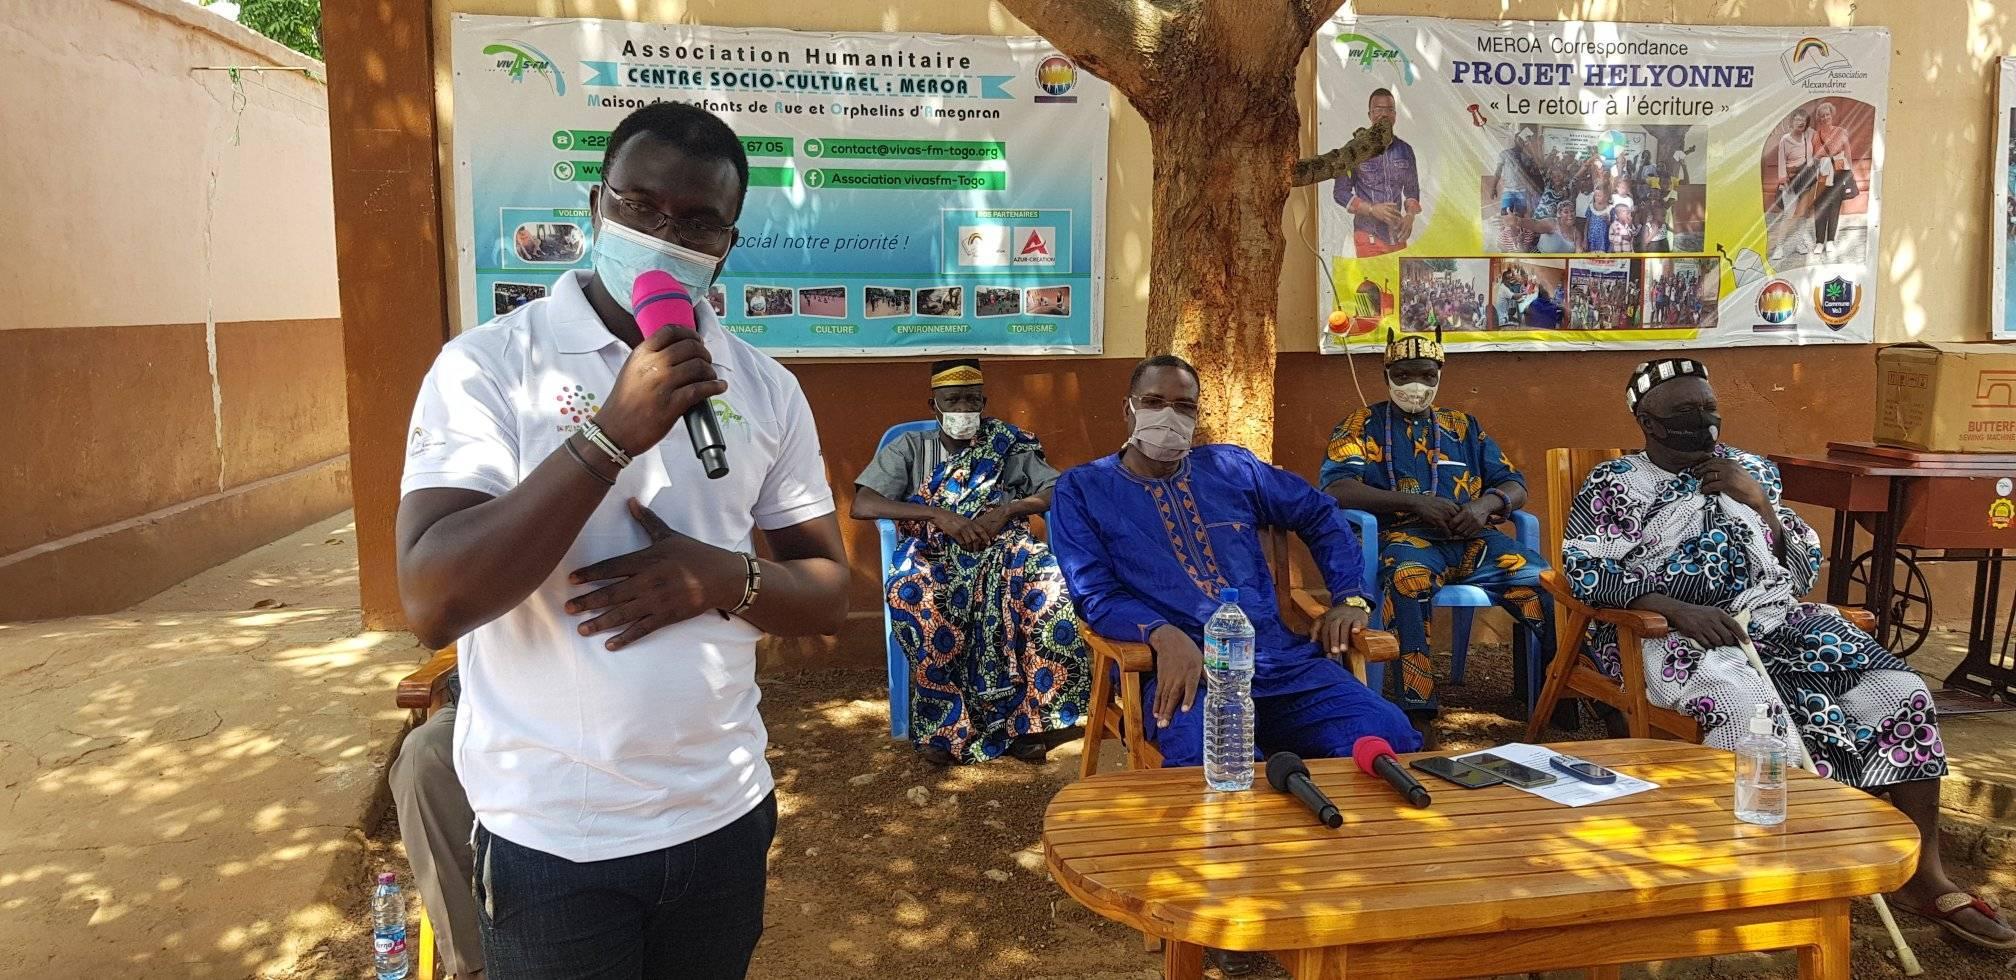 Togo/ Vo3: Plus de 300 latrines en construction grâce à des ONGs